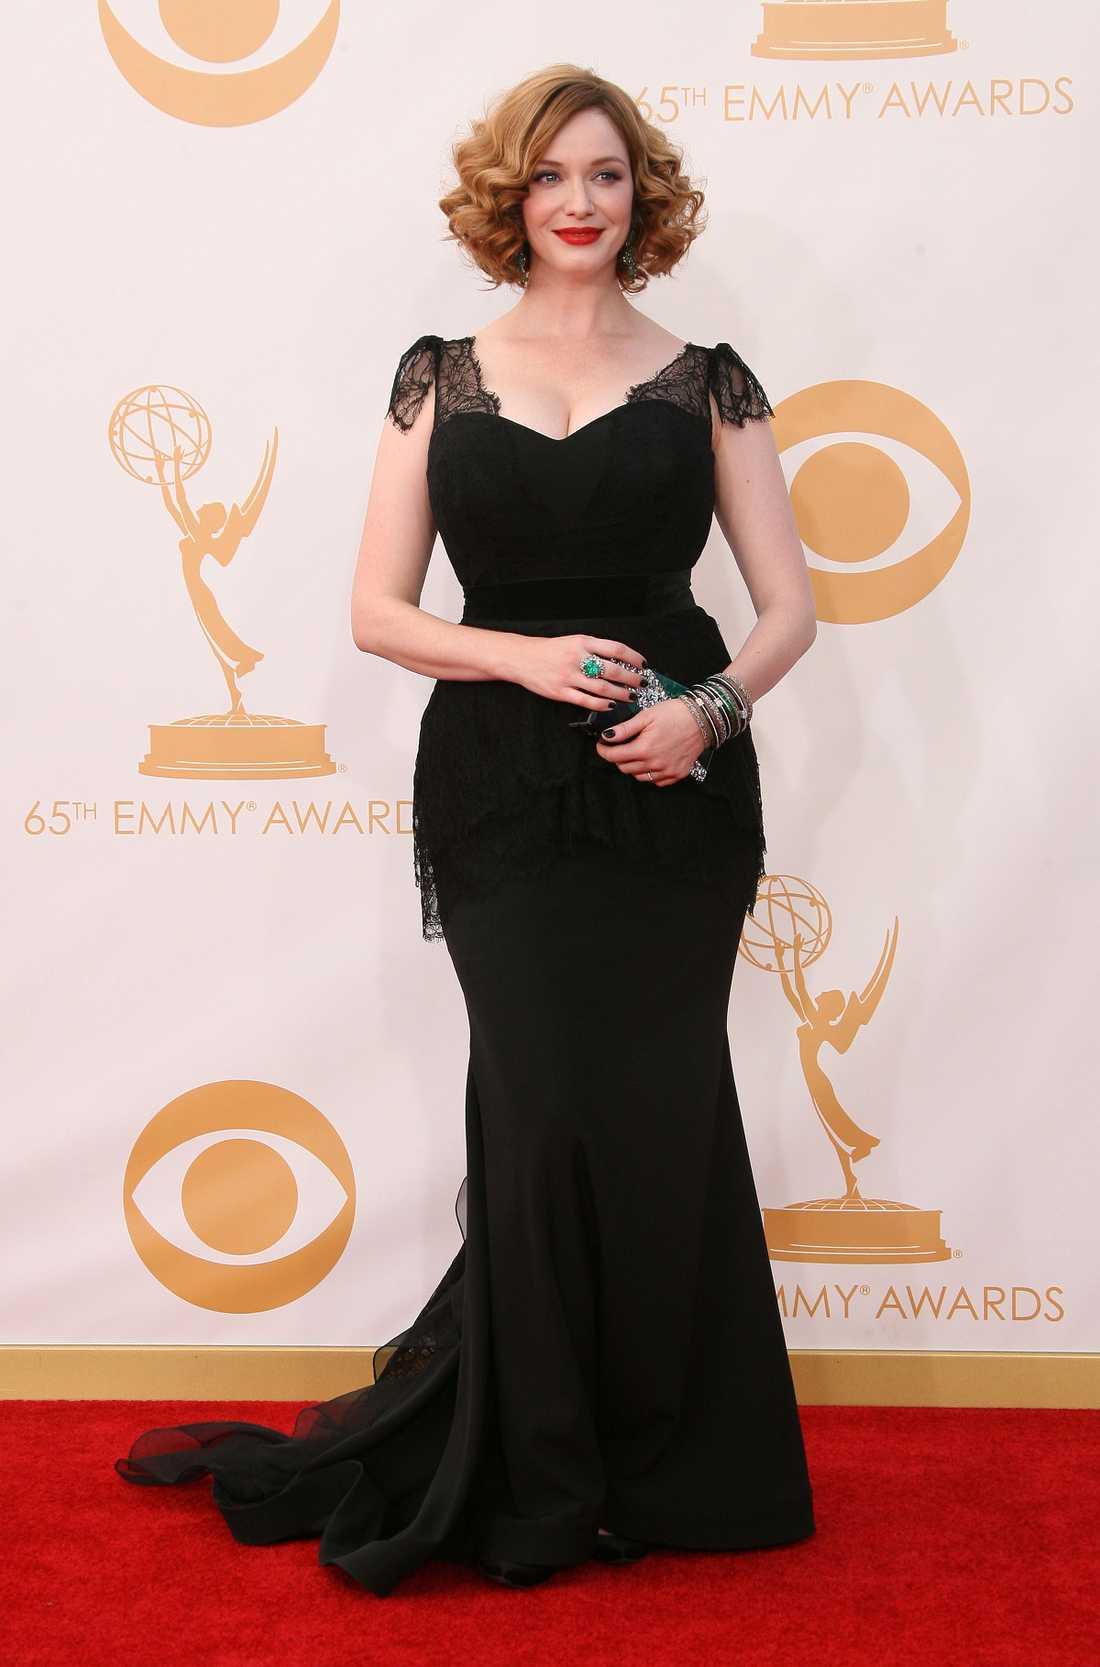 Christina Hendricks Christian Siriano fick äran att pryda Hendricks fabulösa kurvor.